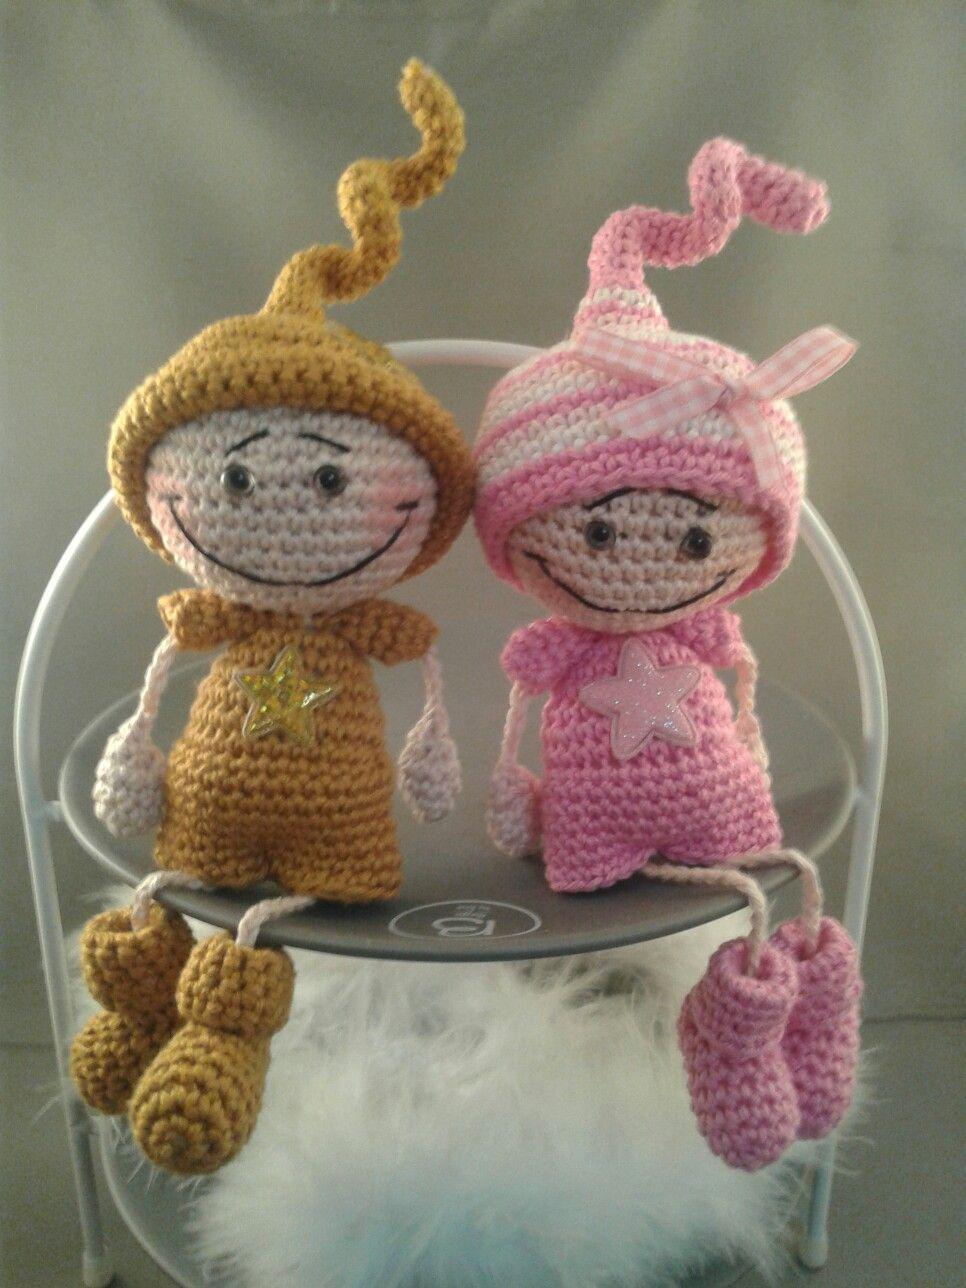 Pin von Mies van den Ham auf Haken popjes - crochet dolls ...